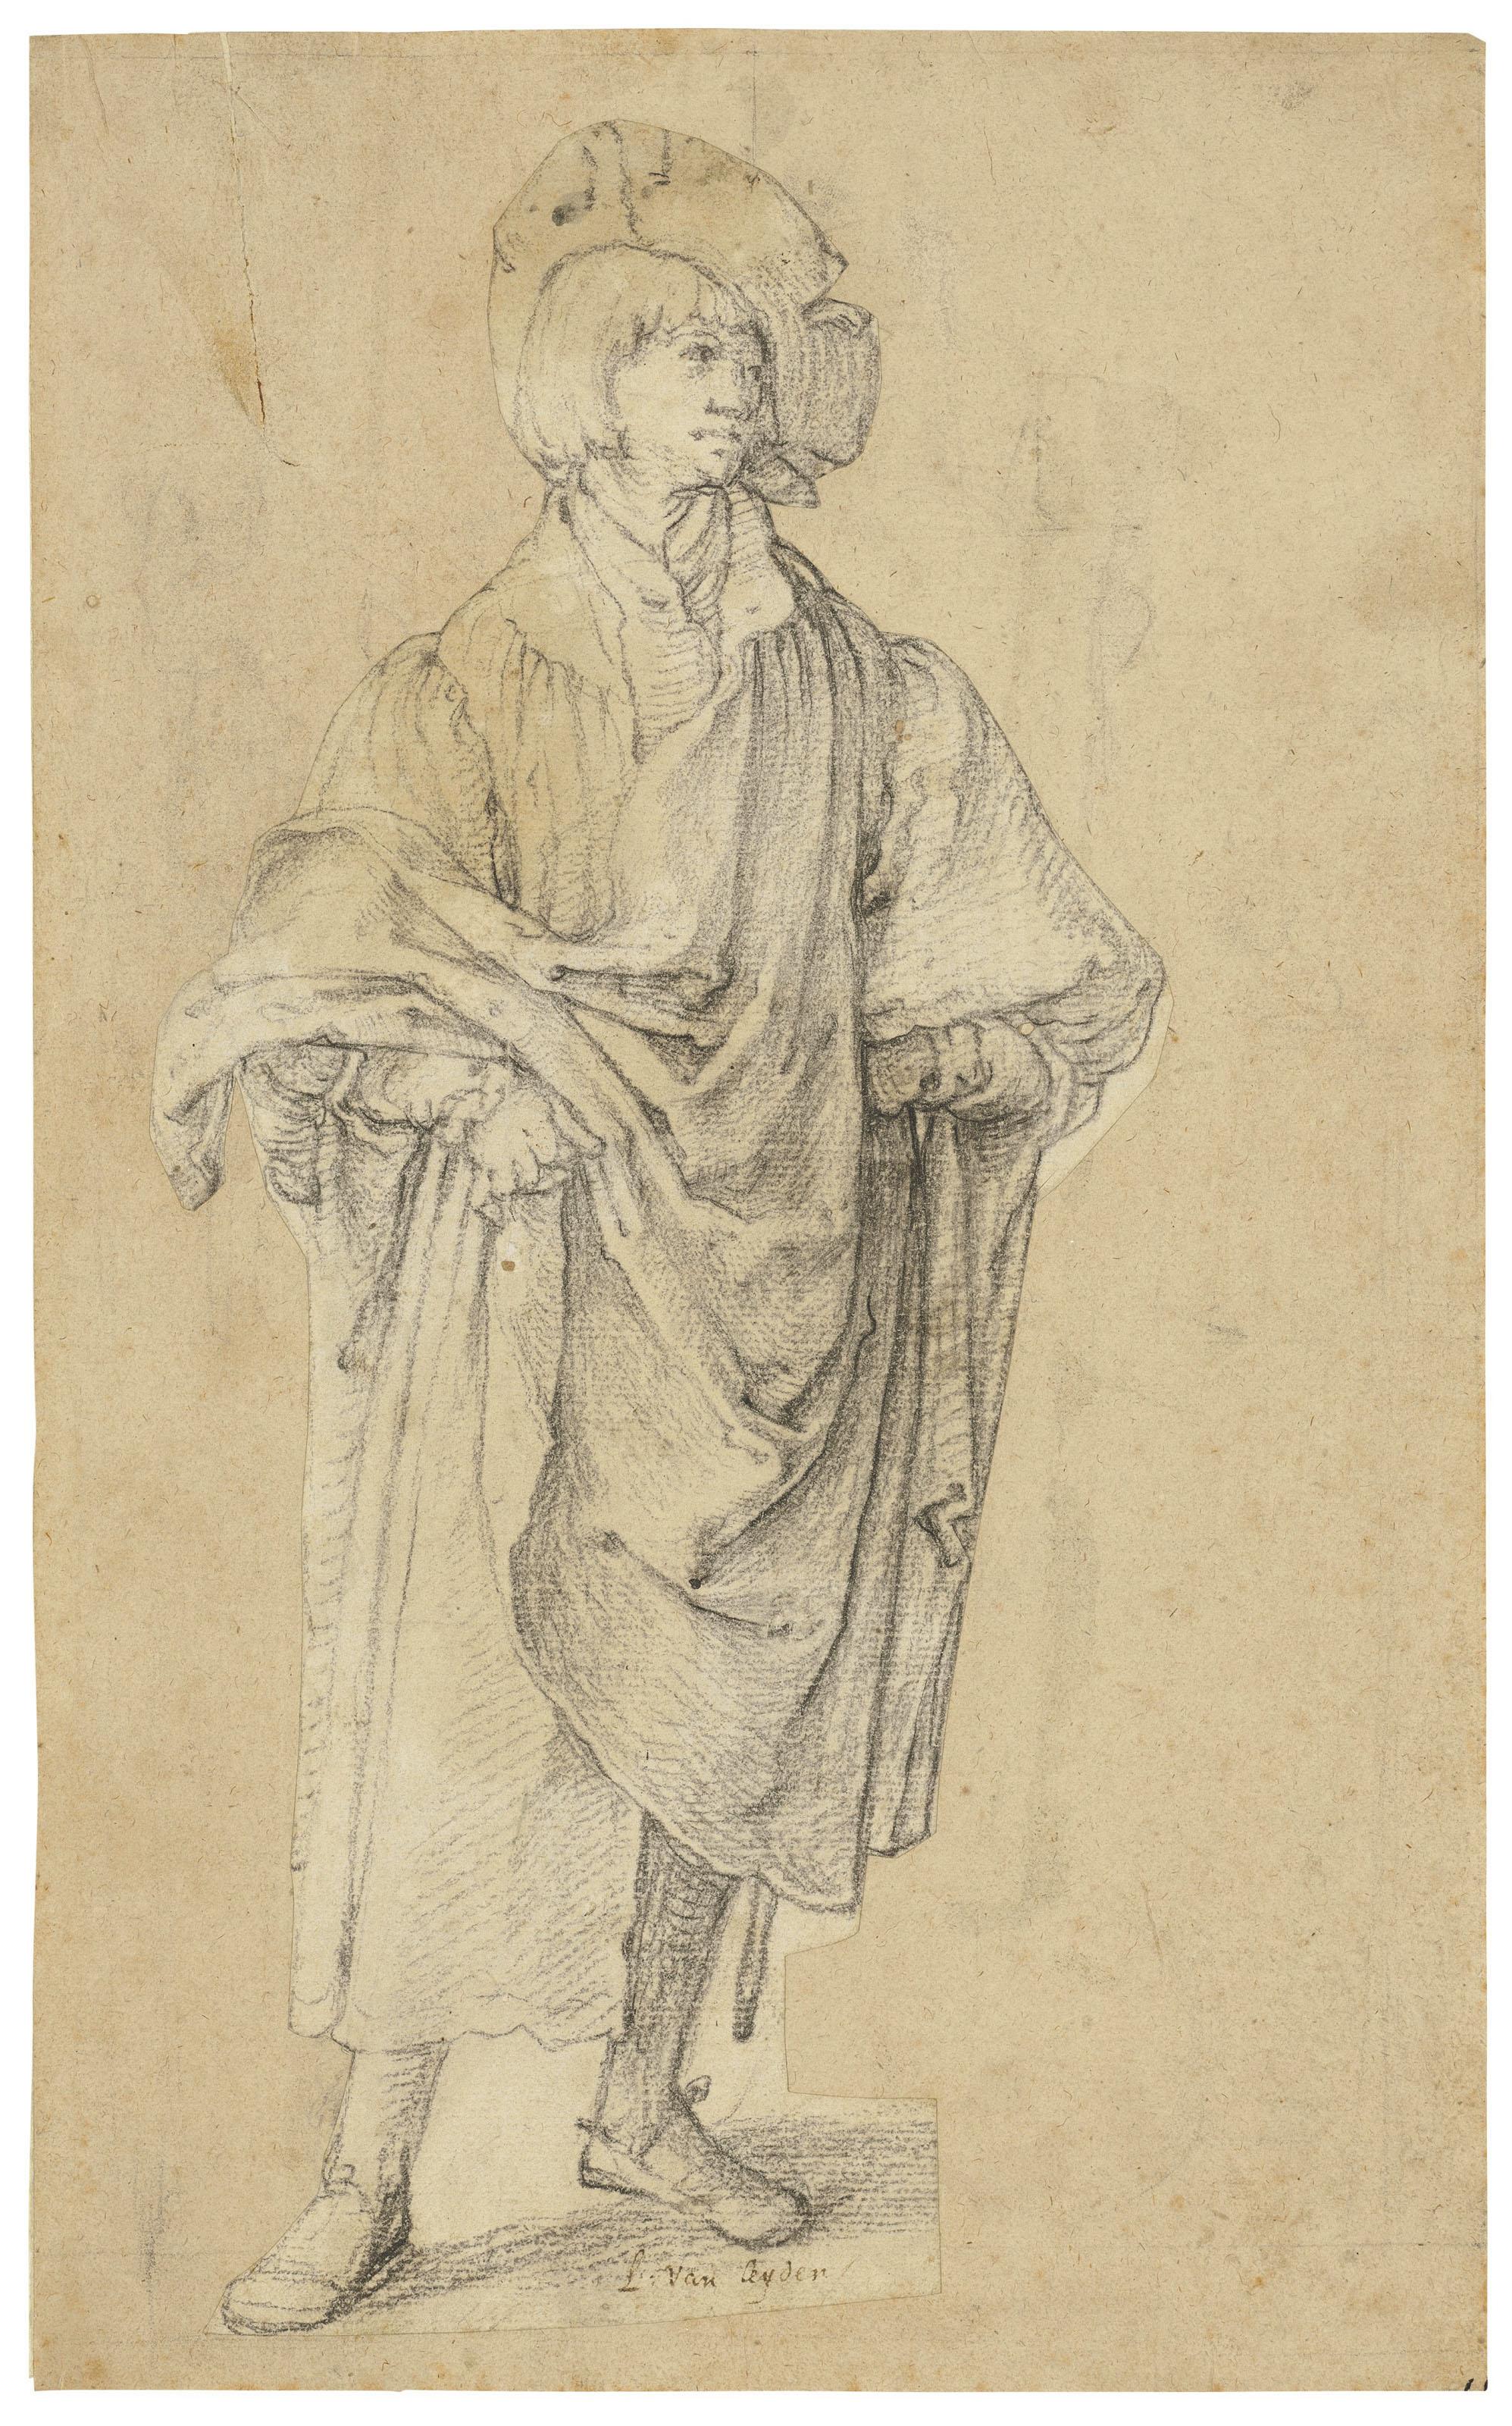 Lucas van Leyden (Leiden 1489/1494-1533)